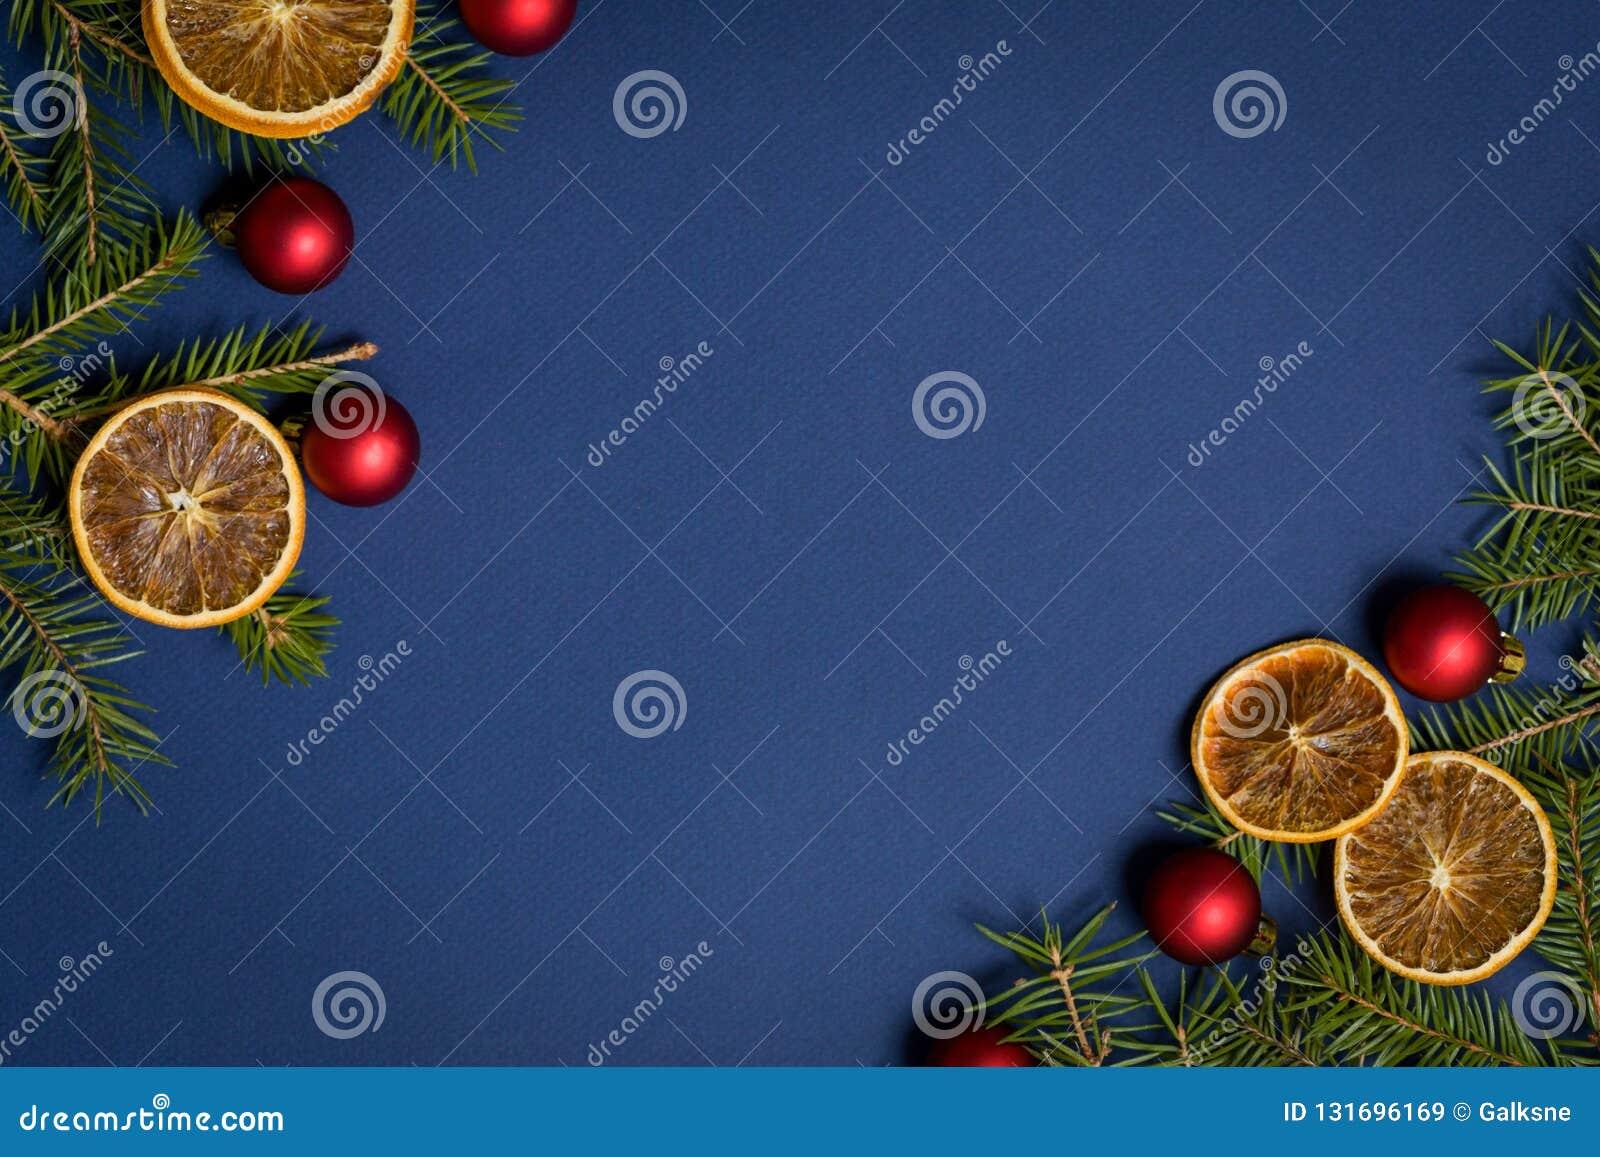 Blauwe naadloze flatlay achtergrond - Kerstmisachtergrond met decoratie en spartakkader Hoogste mening met beschikbare ruimte voo